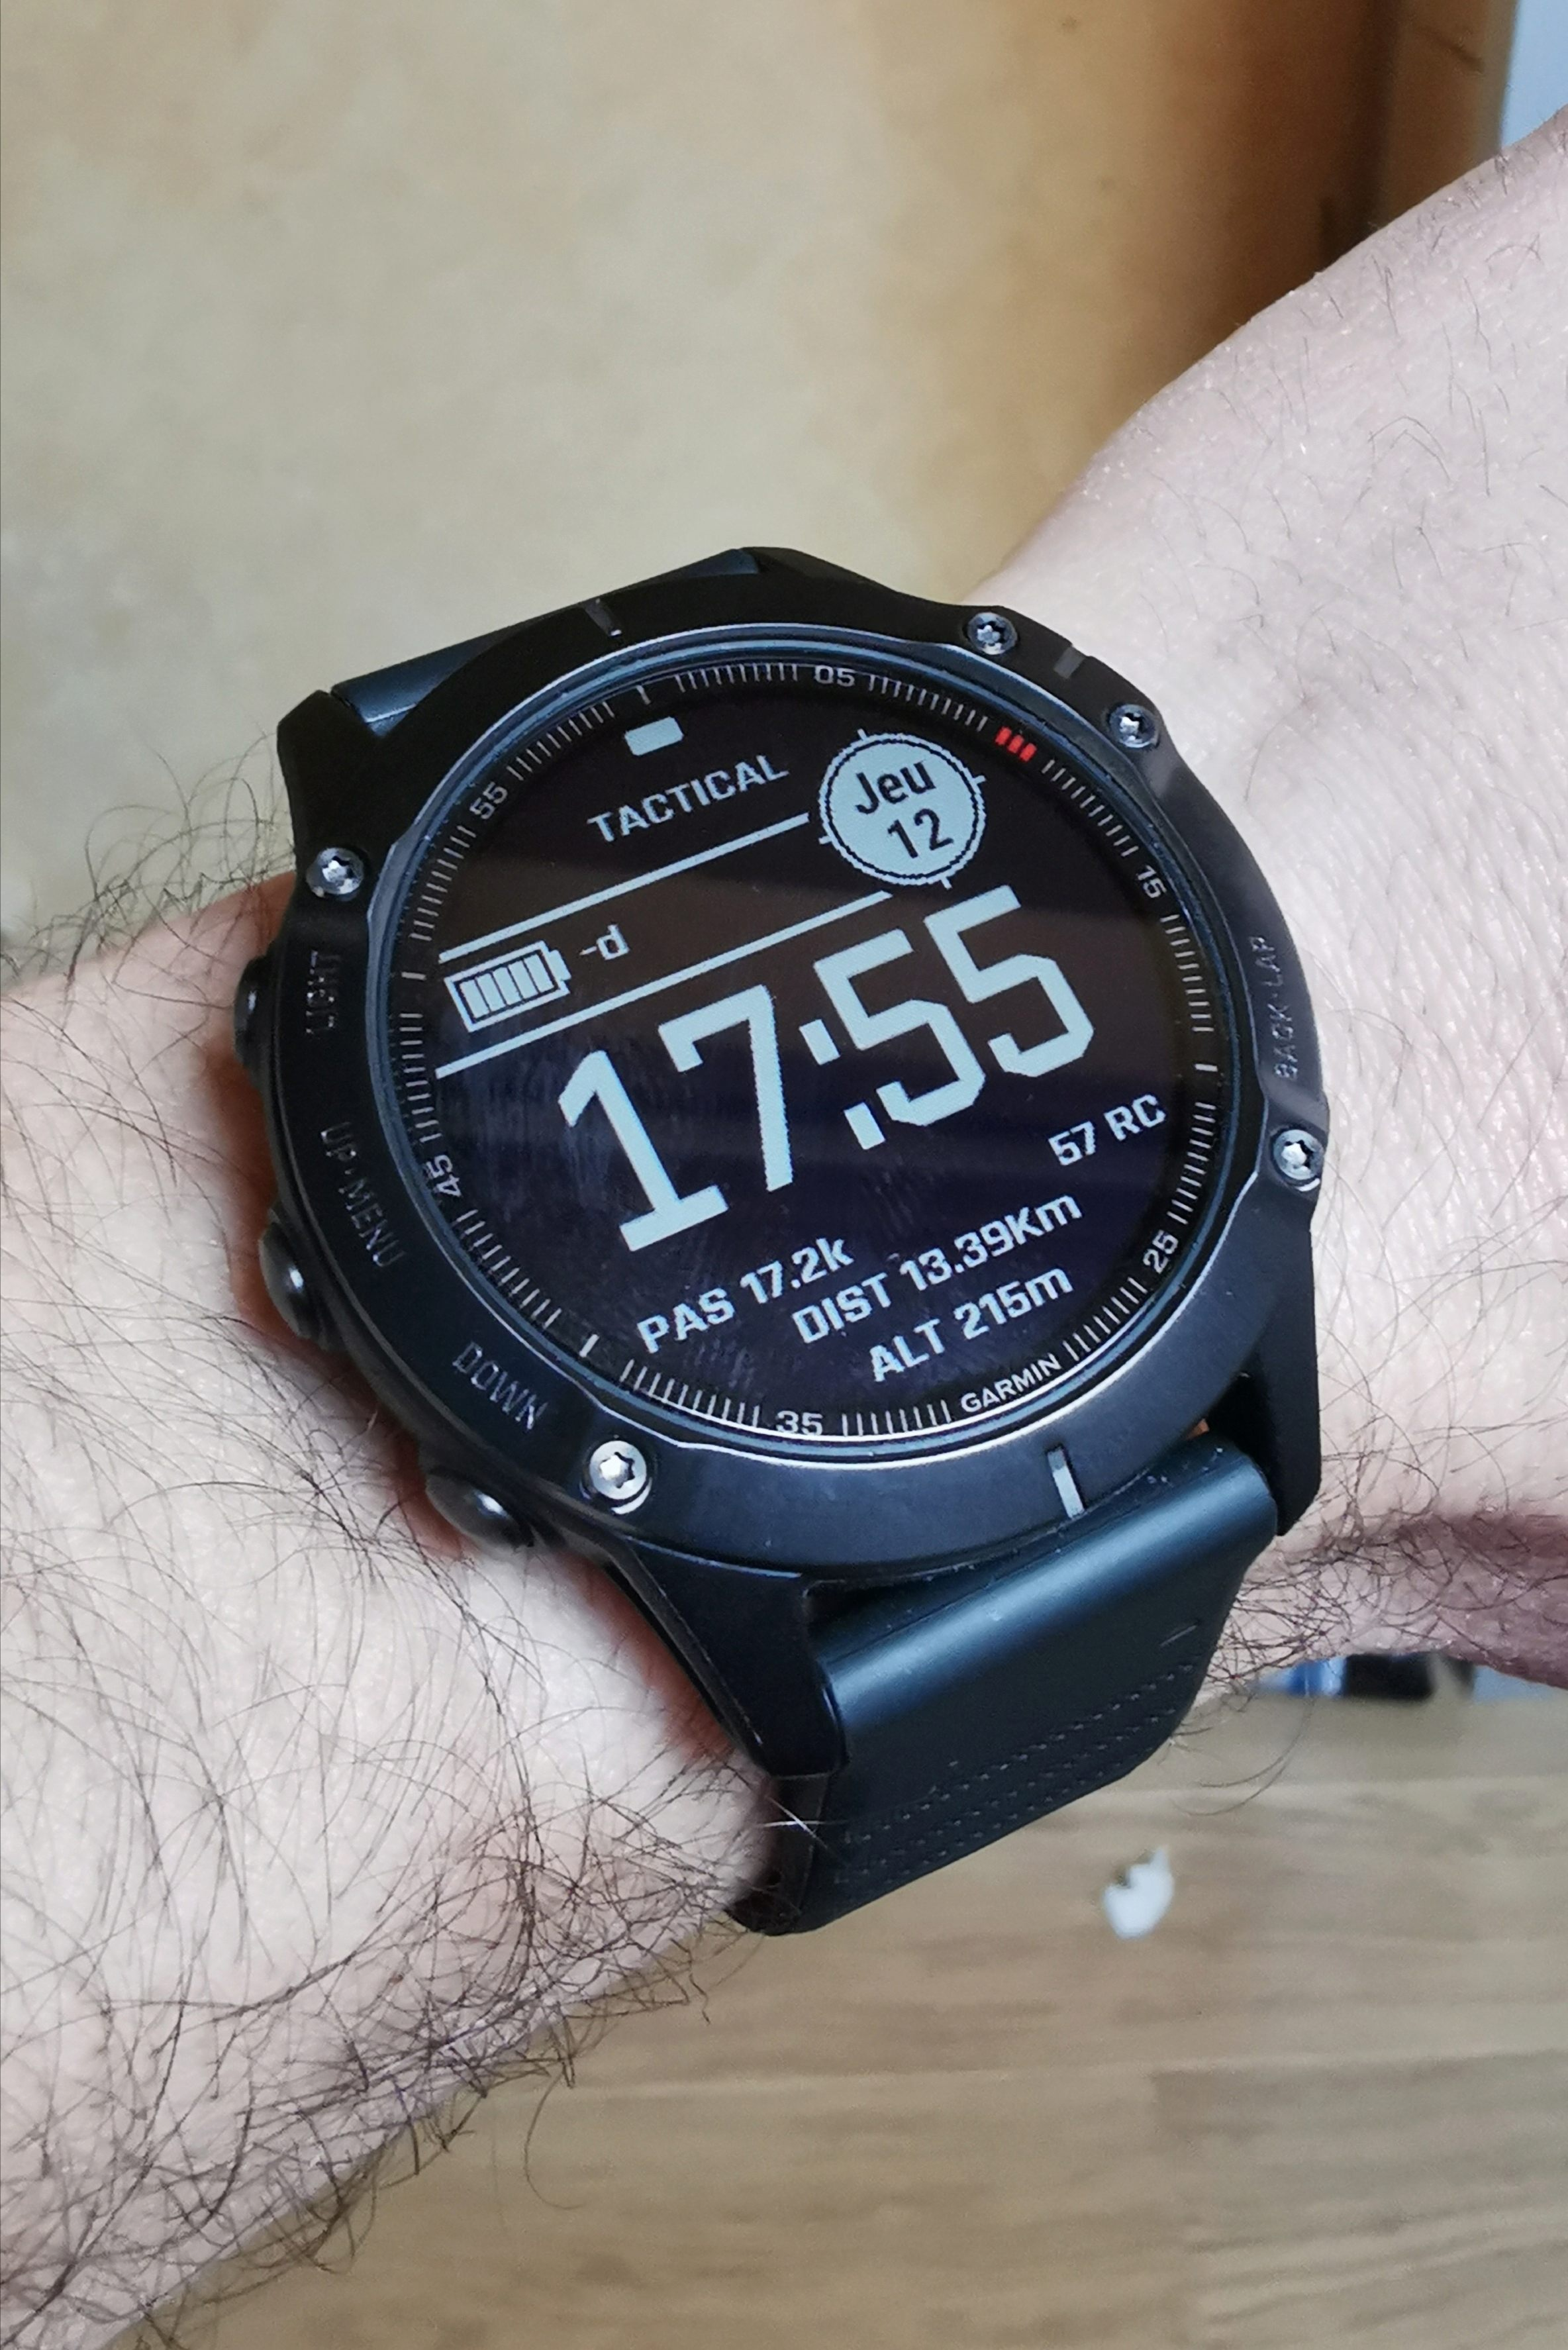 Quel intérêt portez-vous aux montres connectées ?   - Page 17 Img_2349